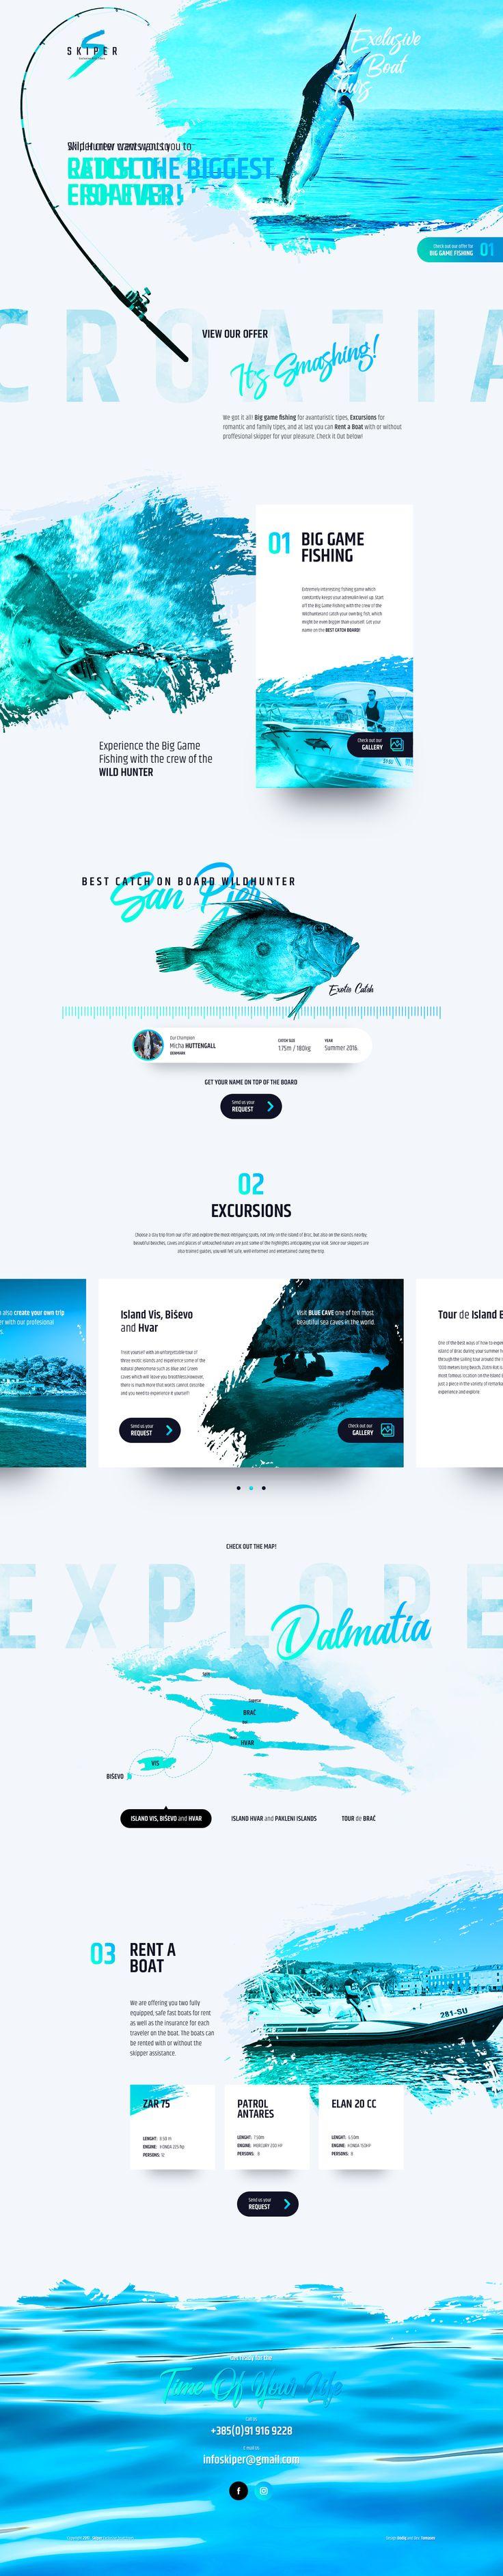 Web design_Exclusive Boat Tours